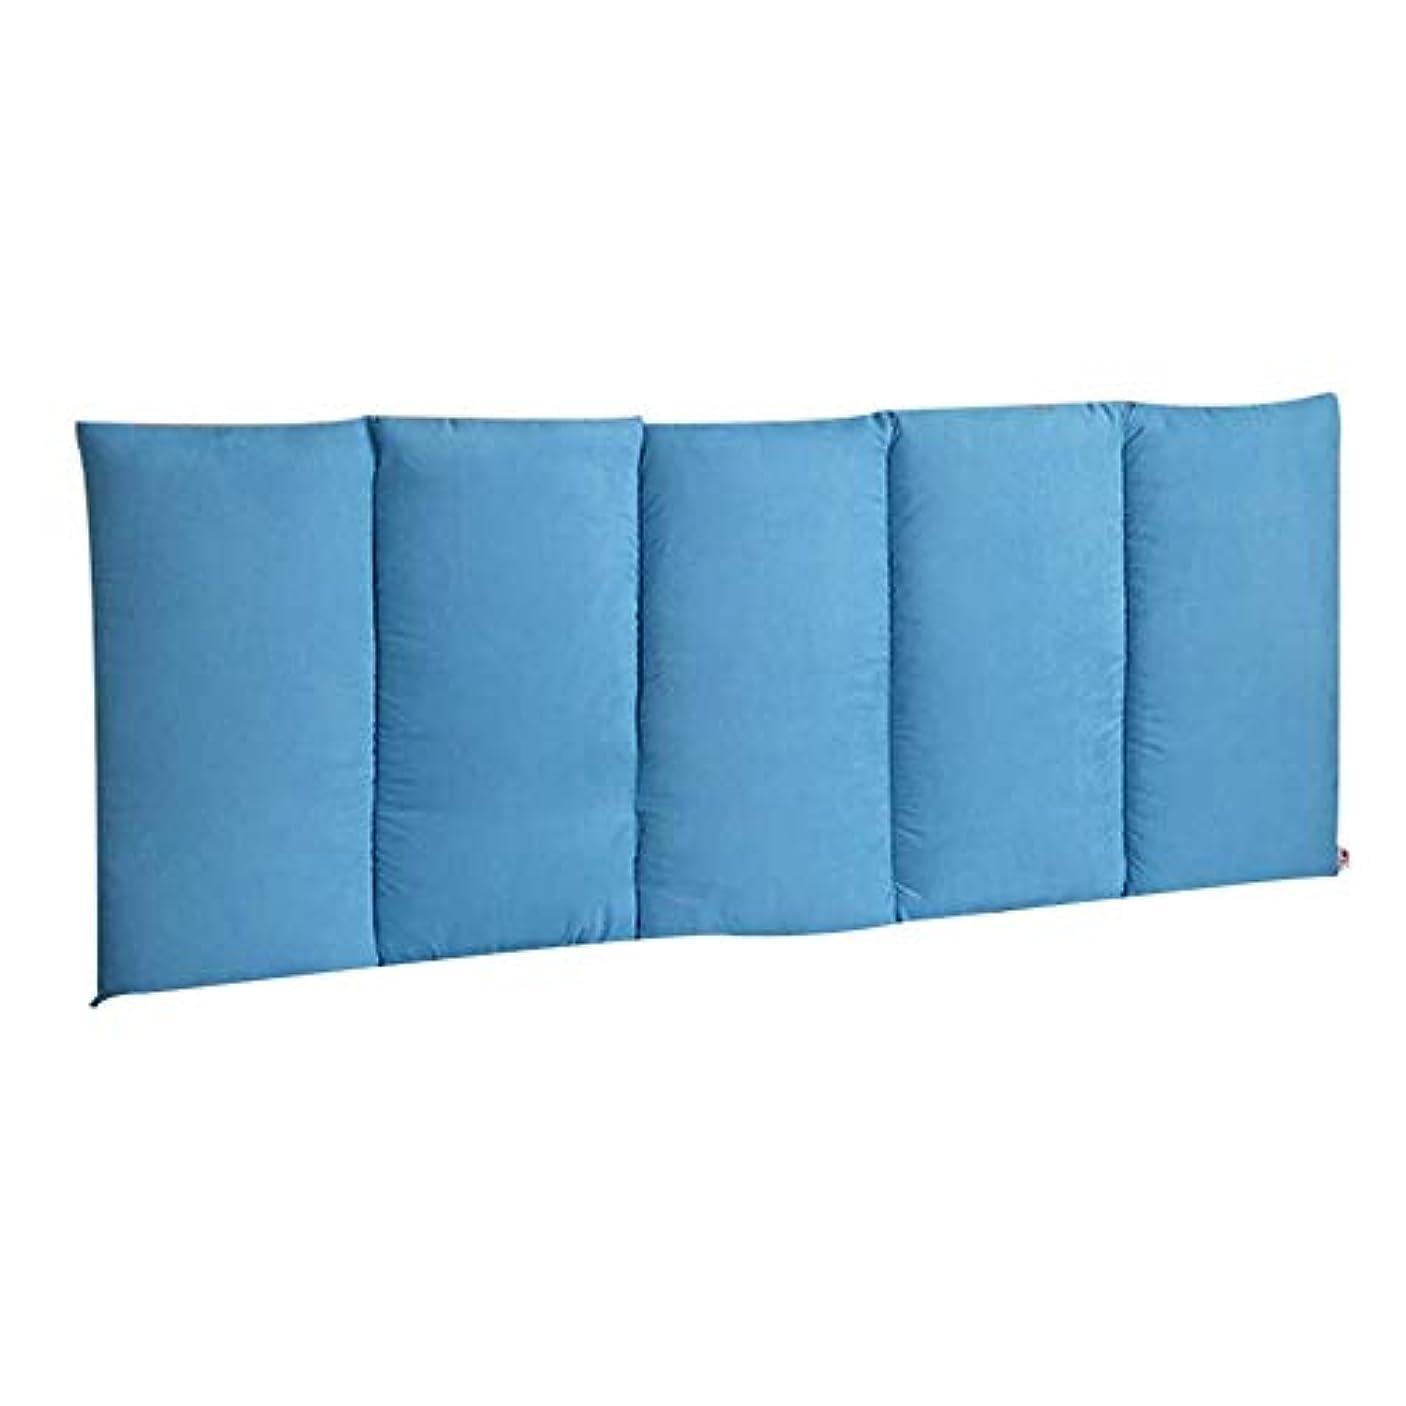 バウンス好み不純31-luoshangqing ヘッドボードなしのベッドの背部クッション柔らかい袋の大きい枕ウエストパッドは洗うことができます (Color : 8#, サイズ : 150X60cm)